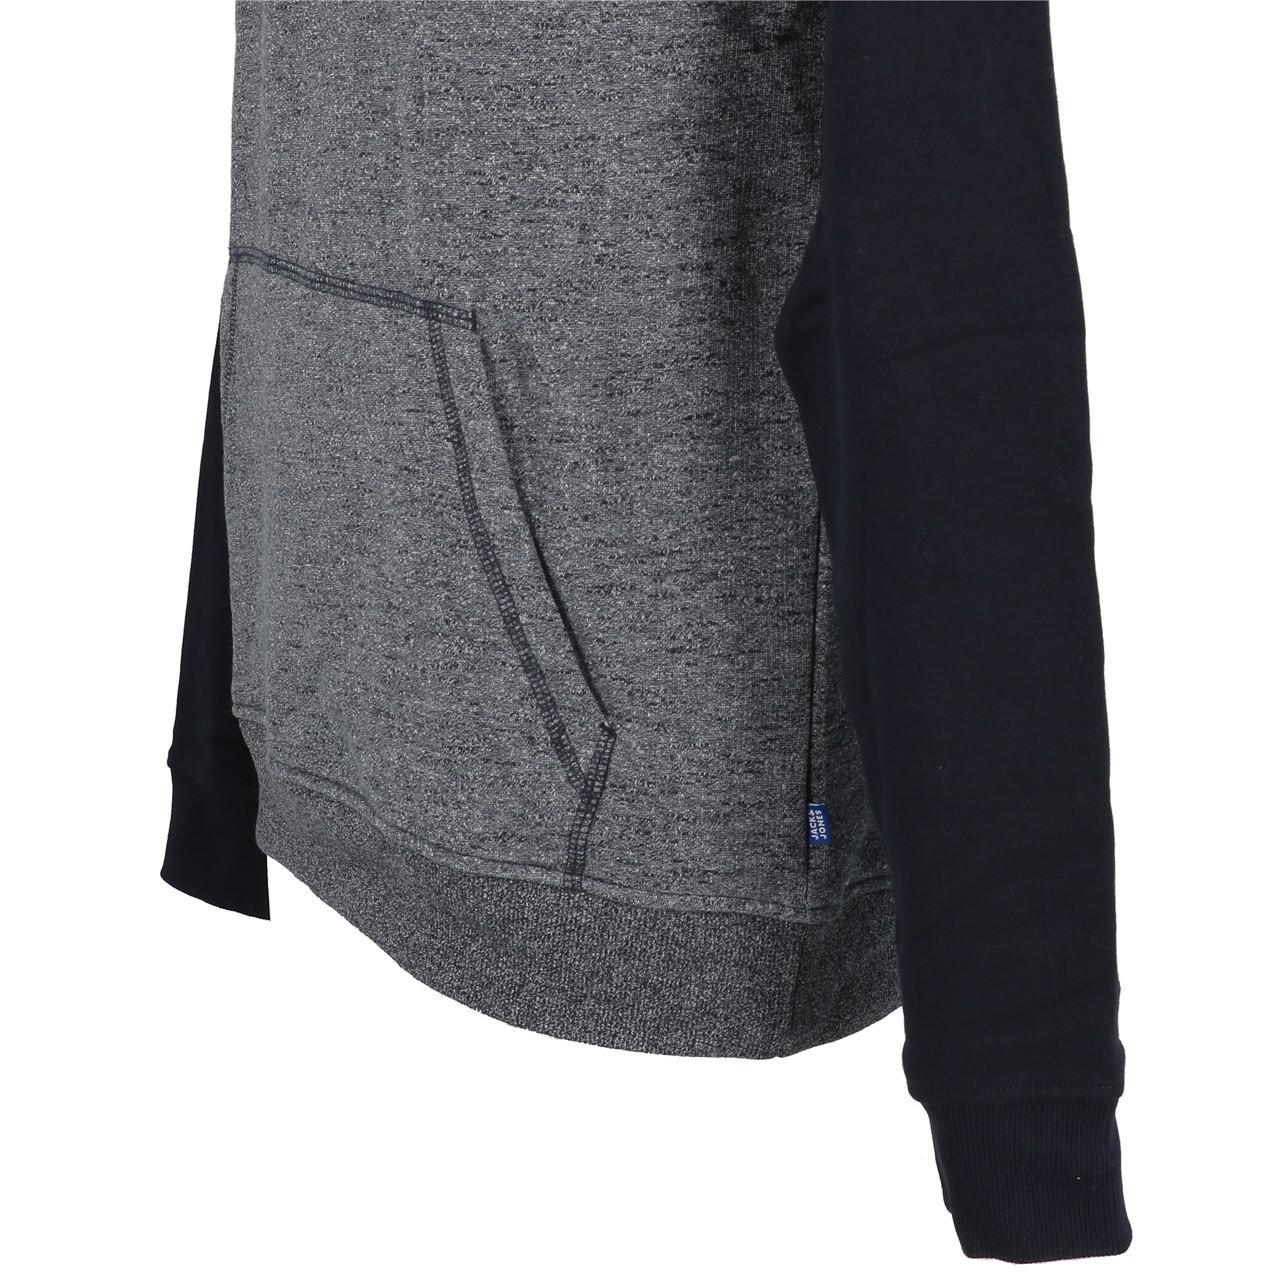 Sweatshirt-Kapuze-Kapuzenpulli-Jack-And-Jones-Kontrast-Umhang-Nv-Jr-Blau-25851 Indexbild 3